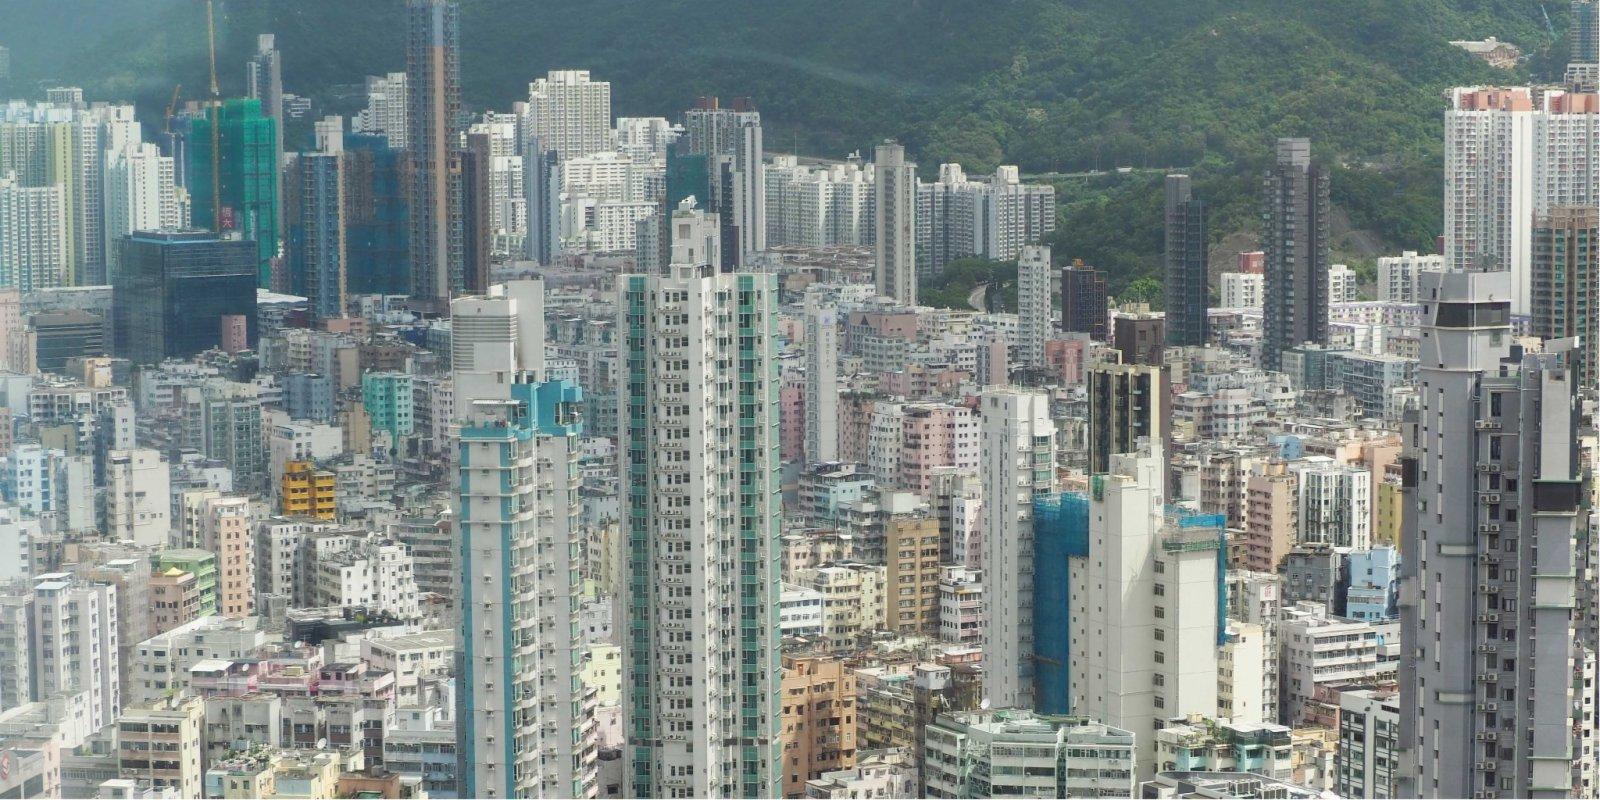 HK property sales dip 20.9% in Aug